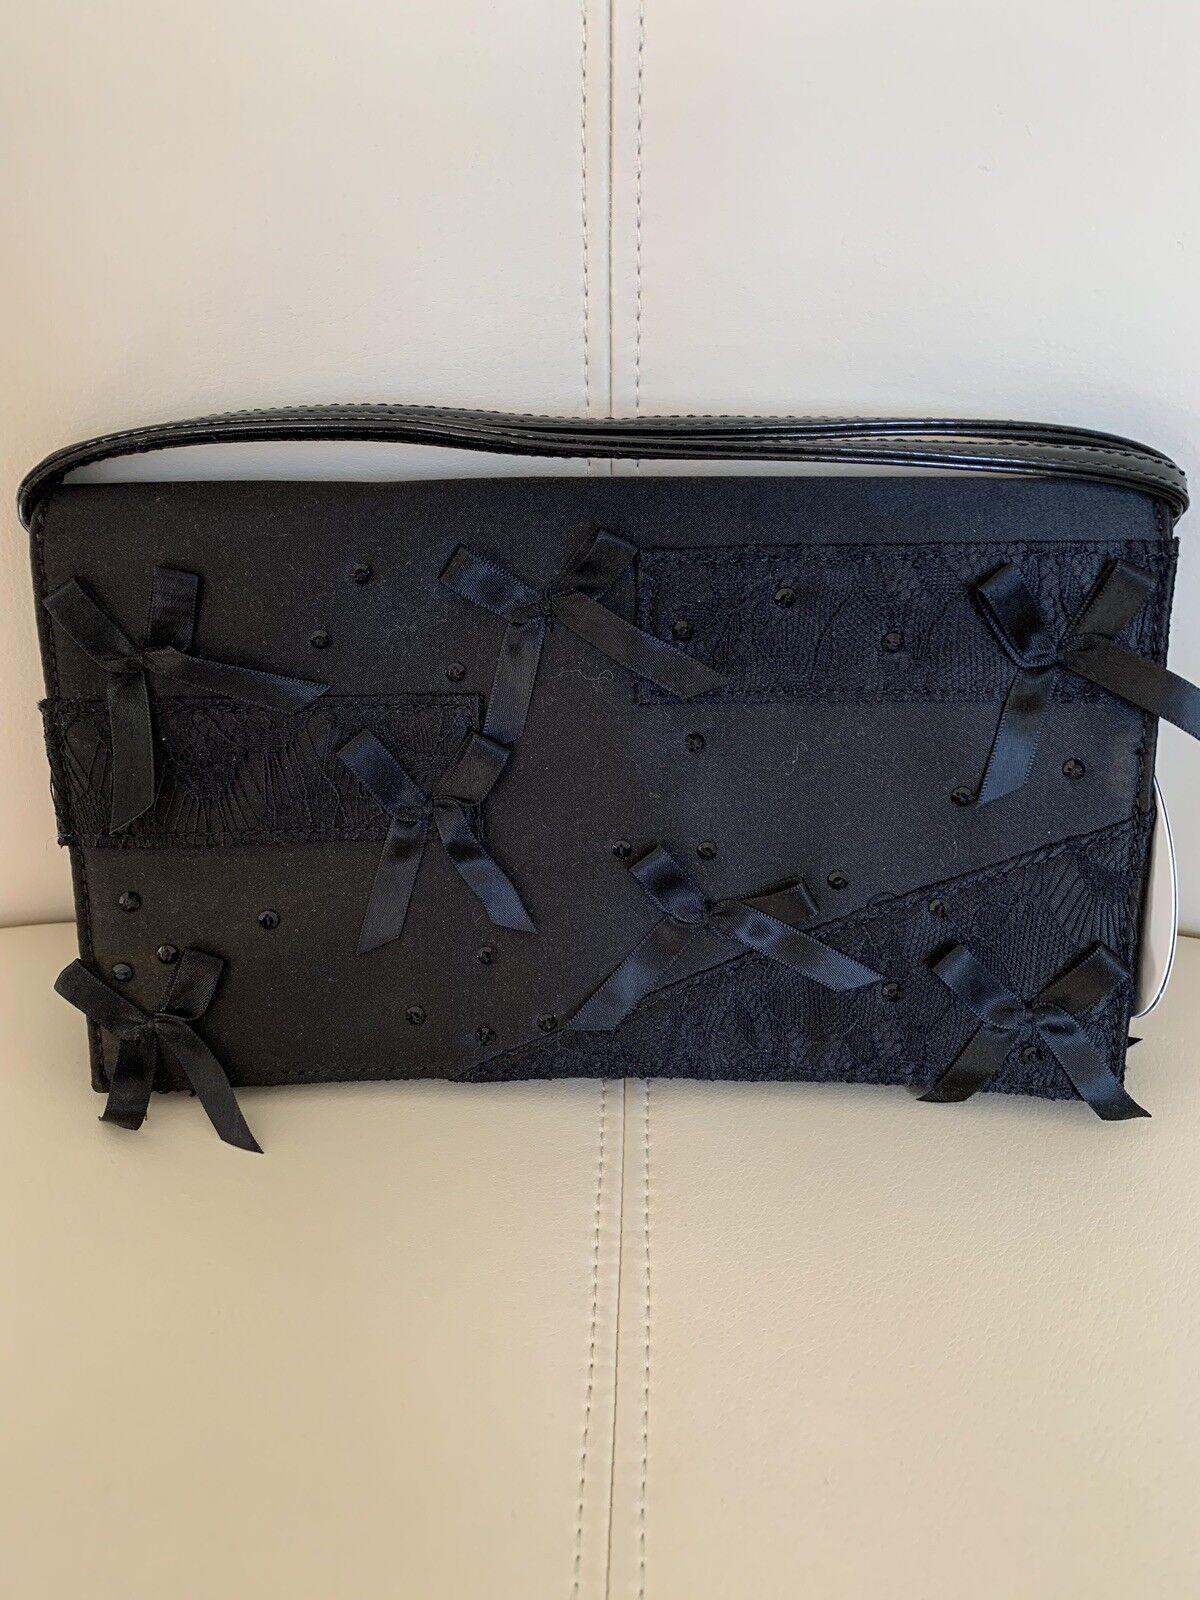 Details about  /Neiman Marcus Prabal Gurung Embellished Clutch Purse Black Designer Target